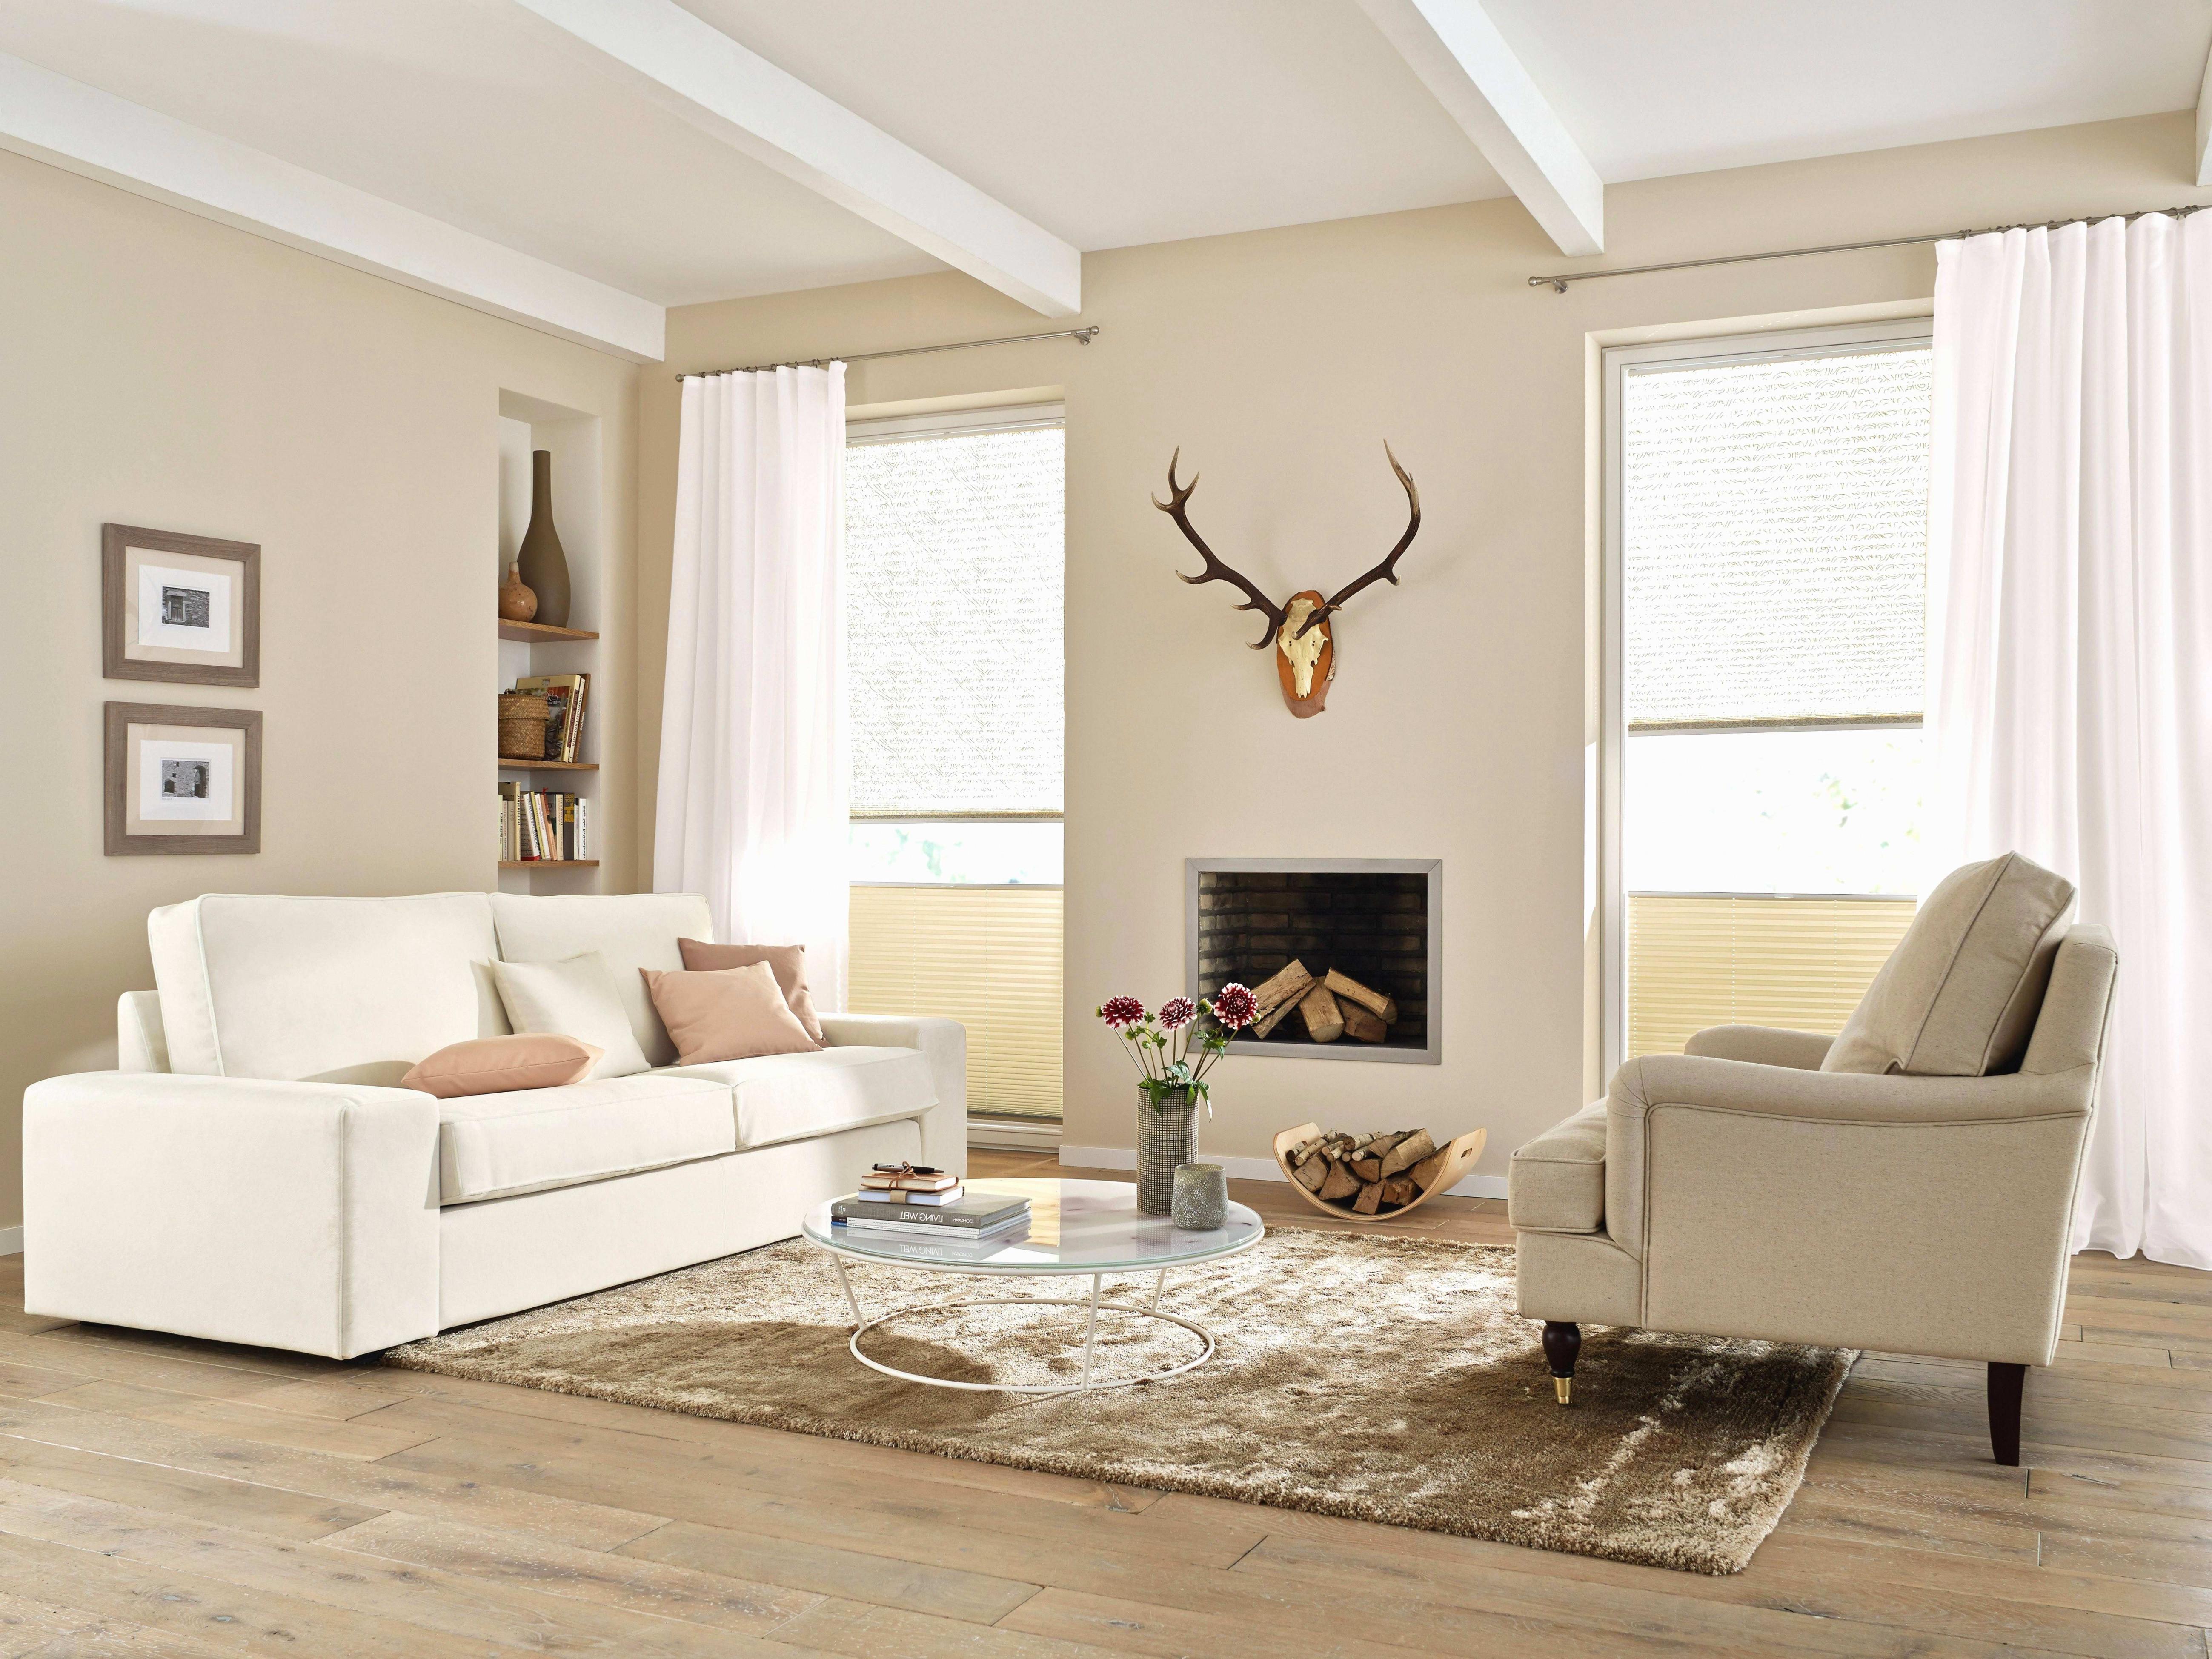 Wohnzimmer Schöner Wohnen Inspirierend Wohnzimmer Ideen Tv von Schöner Wohnen Bilder Wohnzimmer Photo